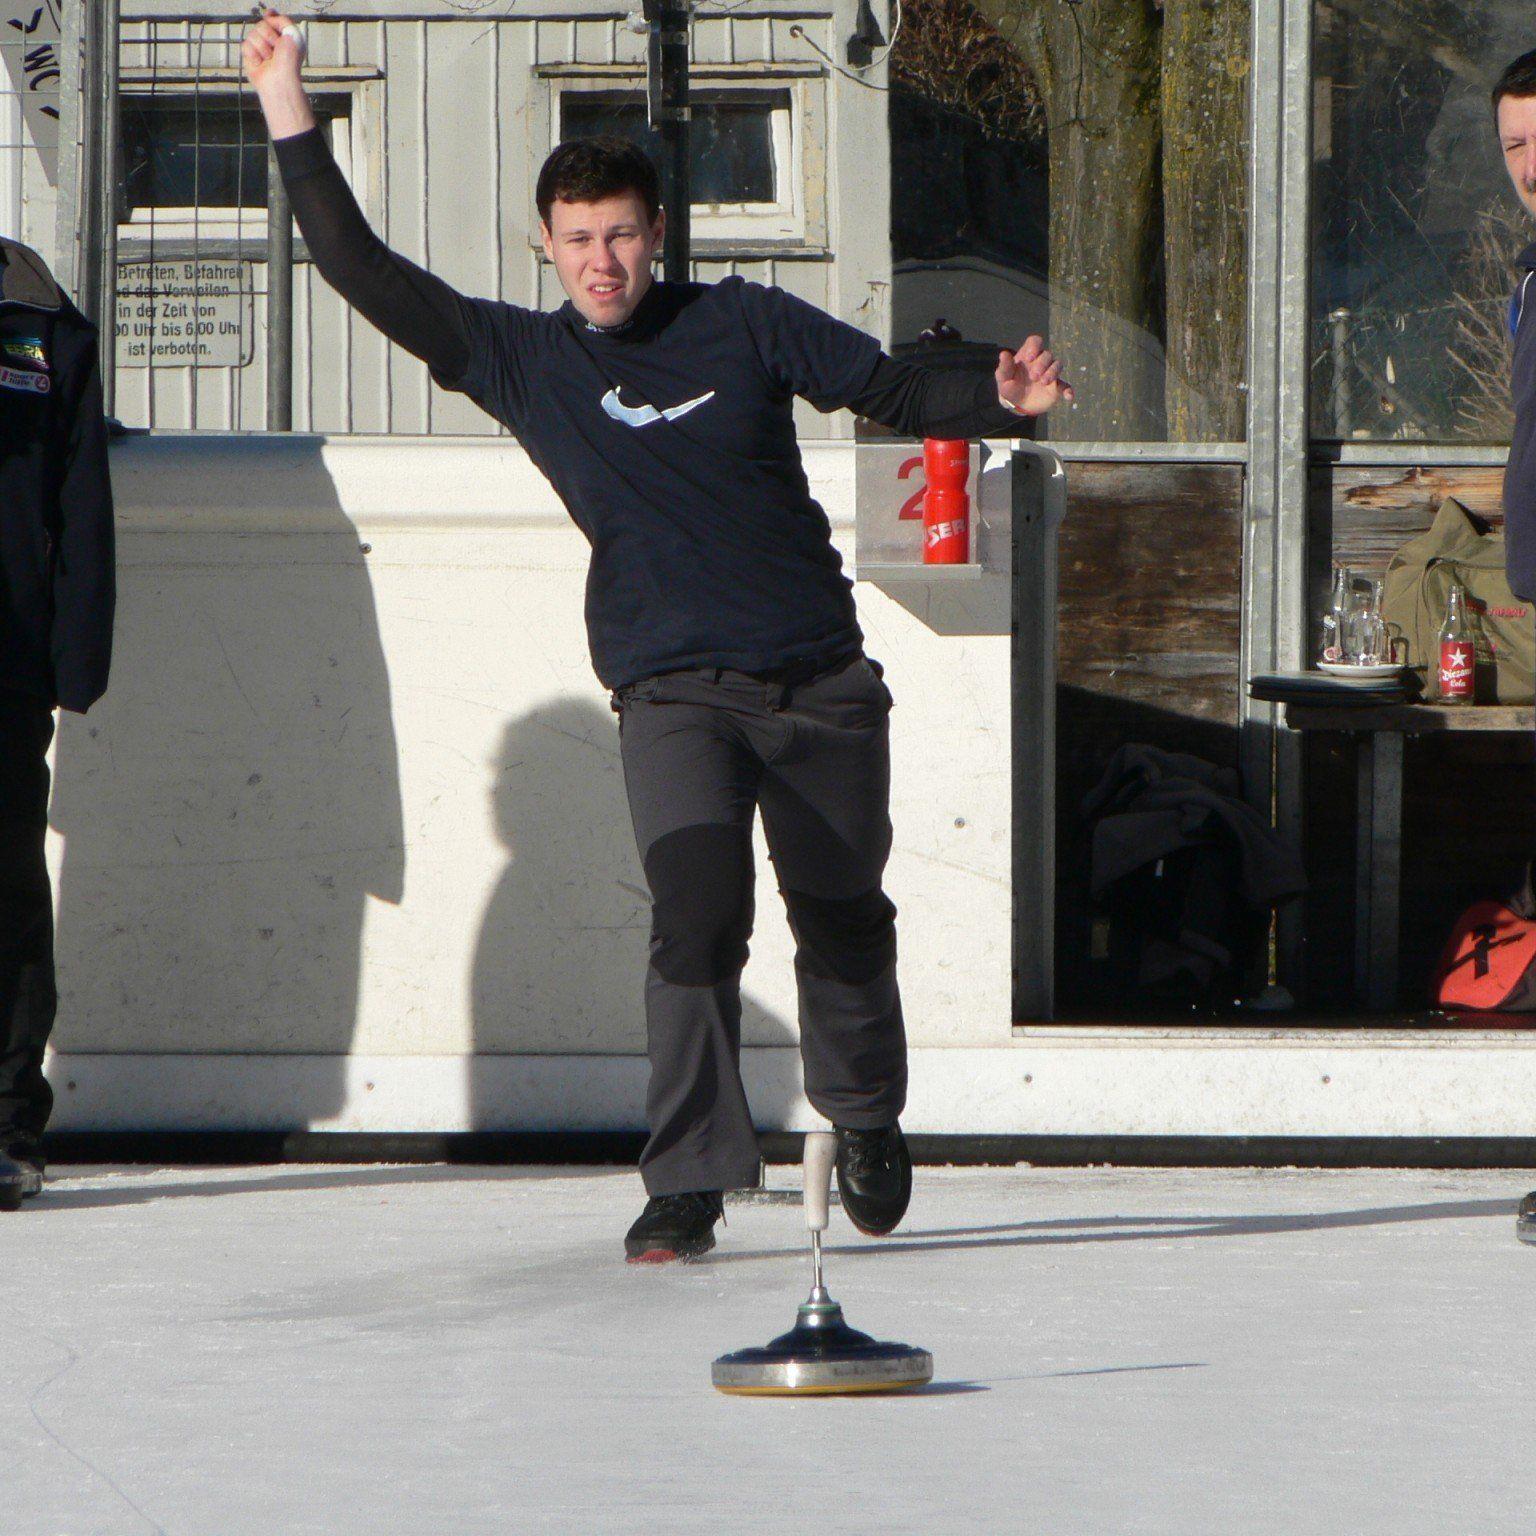 Der Bregenzer Abraham Sohm zählt zu den größten Hoffnungen im heimischen Eisstocksport.